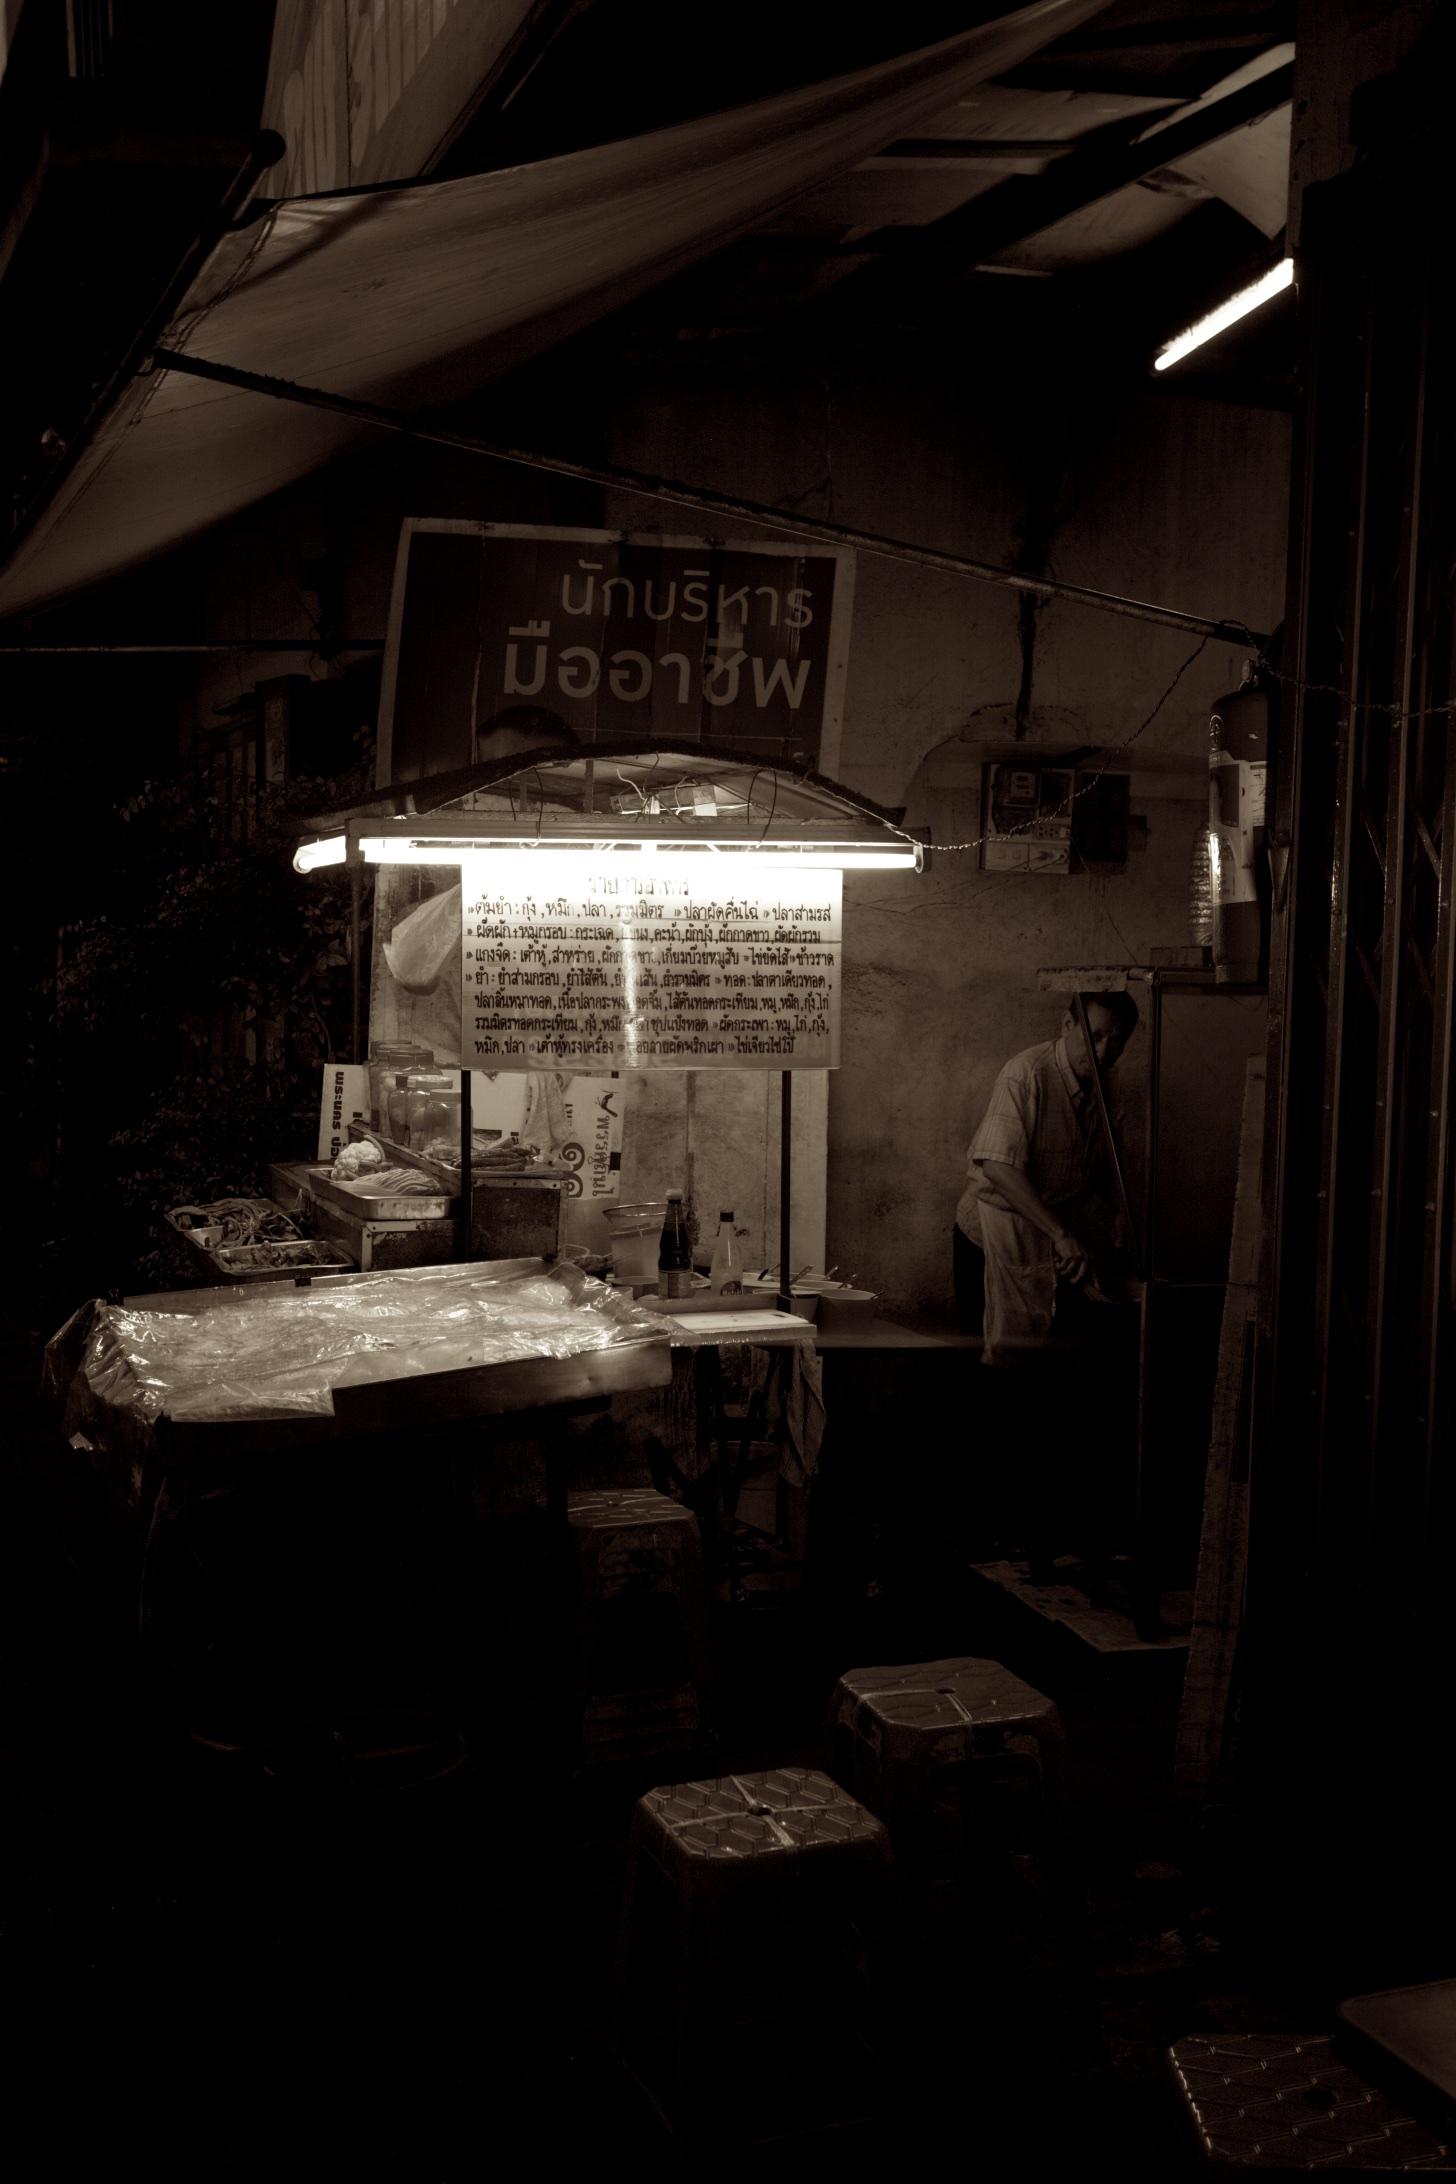 079_BangkokCafe.jpg